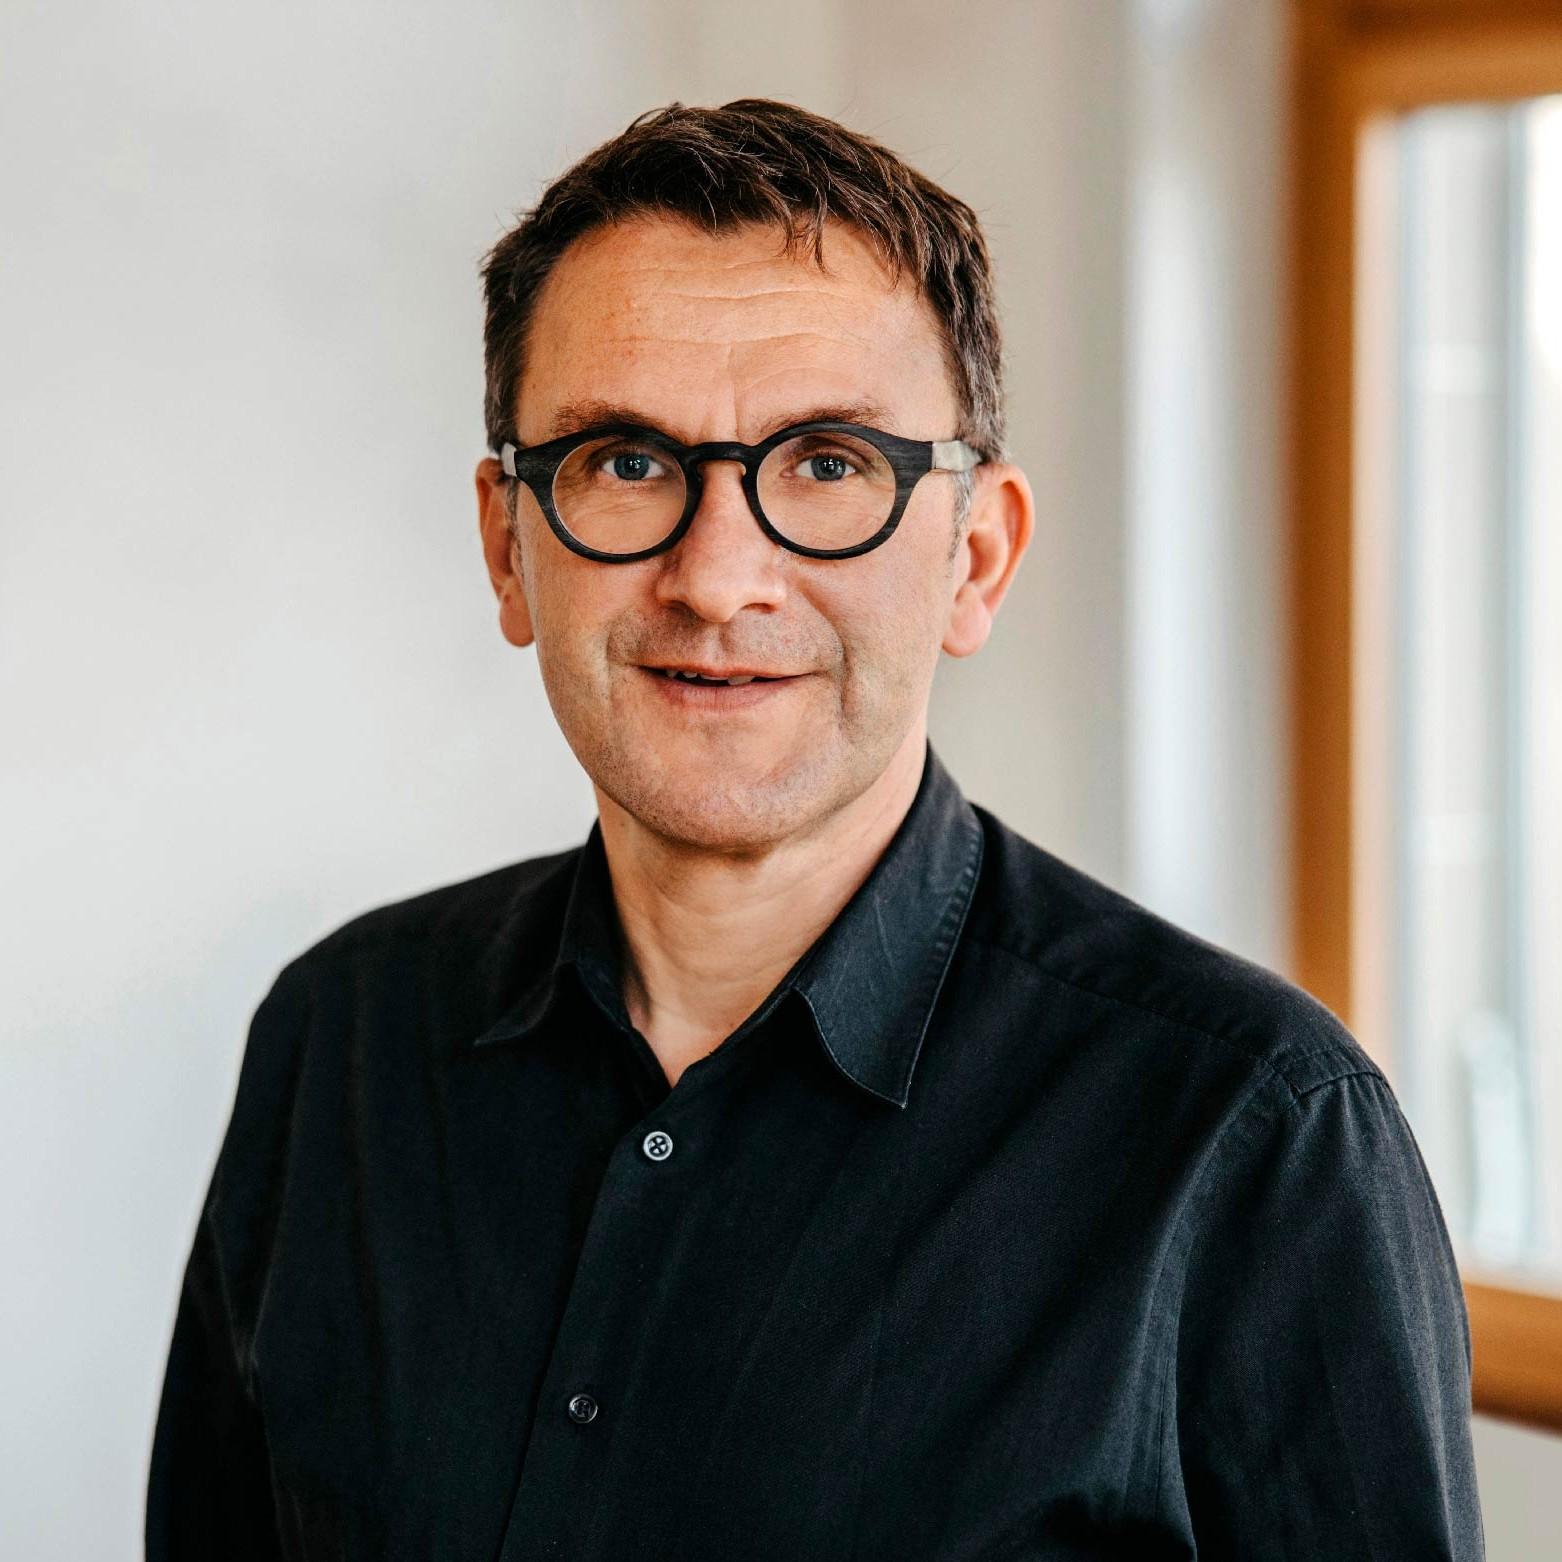 Prof. Dr. Jochen Rössler